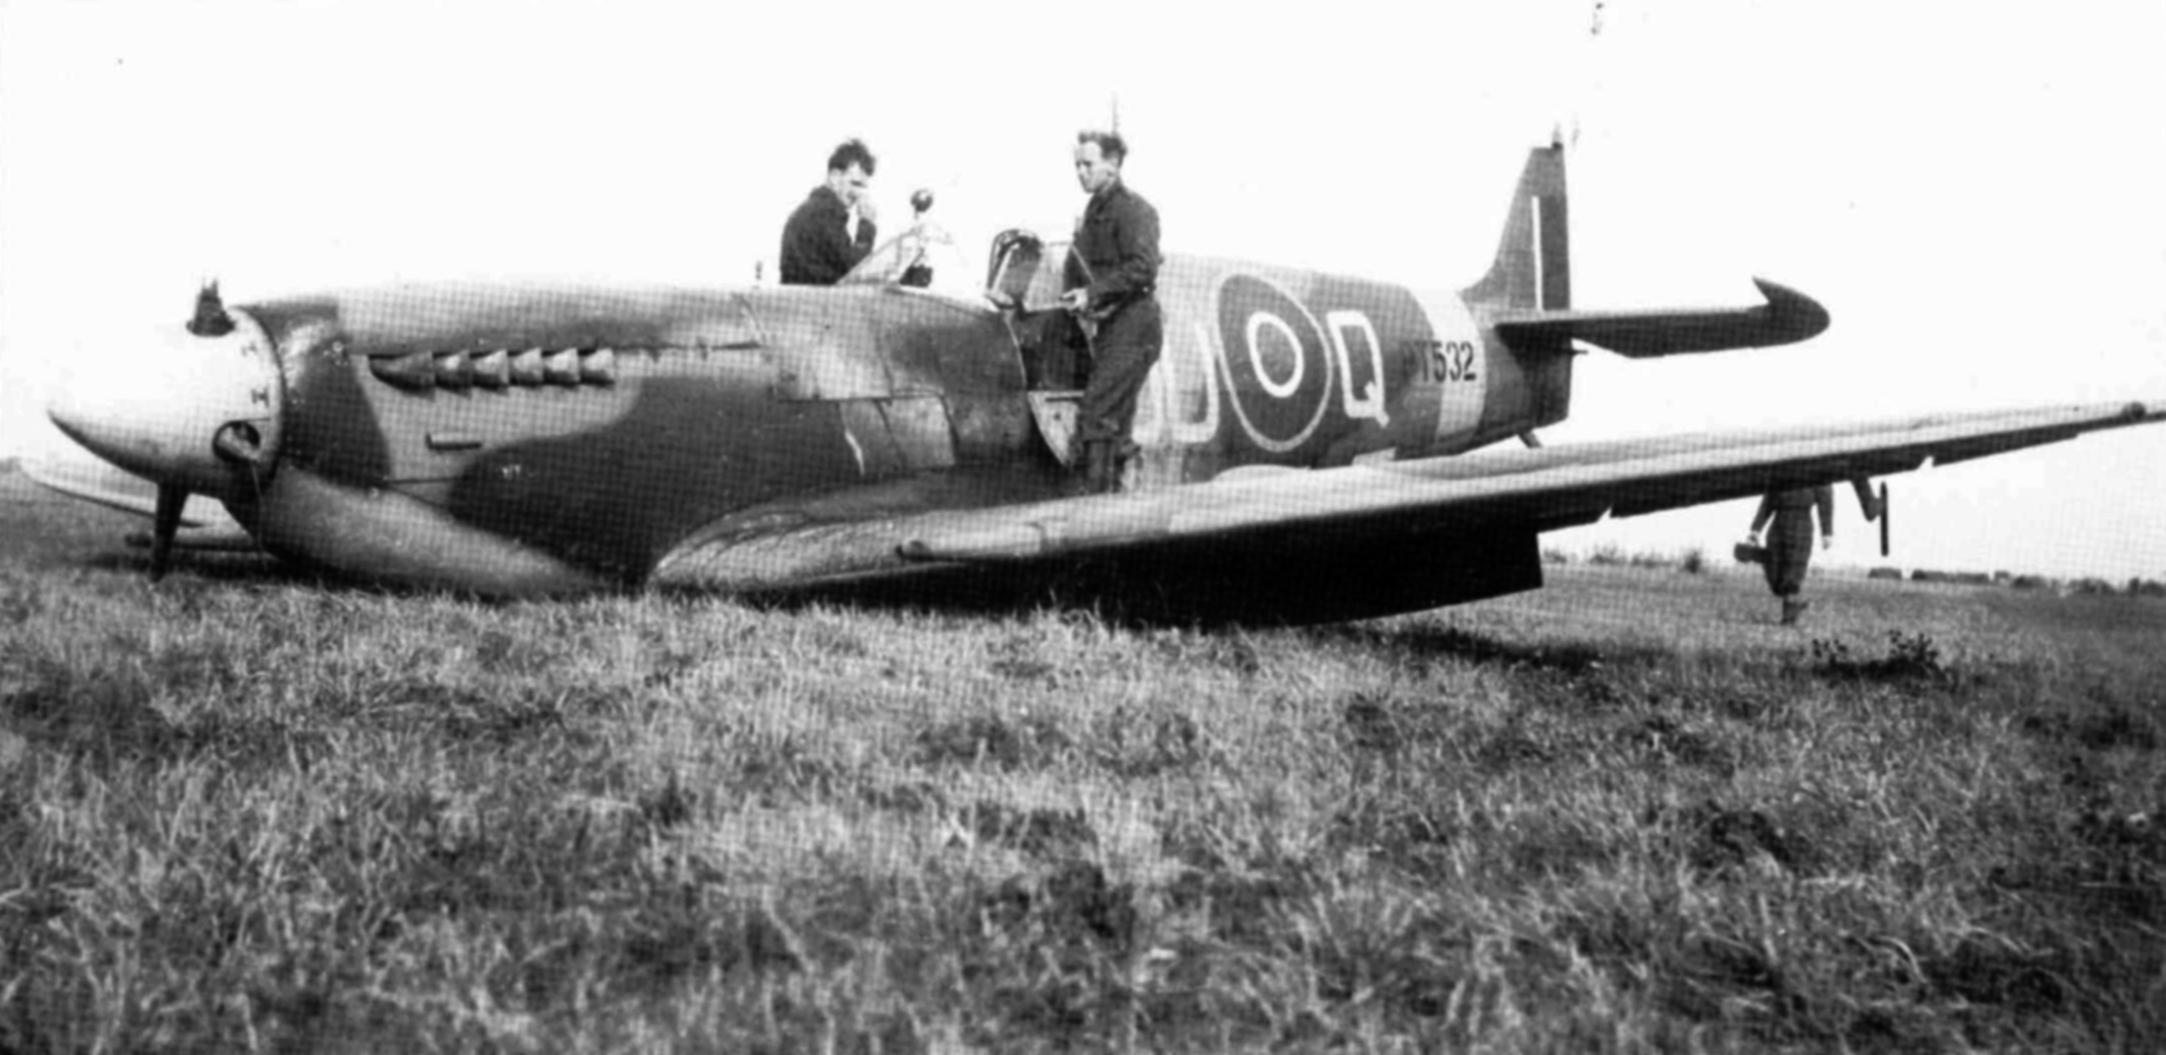 Spitfire MkIX RNZAF 485Sqn OUQ force landed Merville France 5th Apr 1945 01